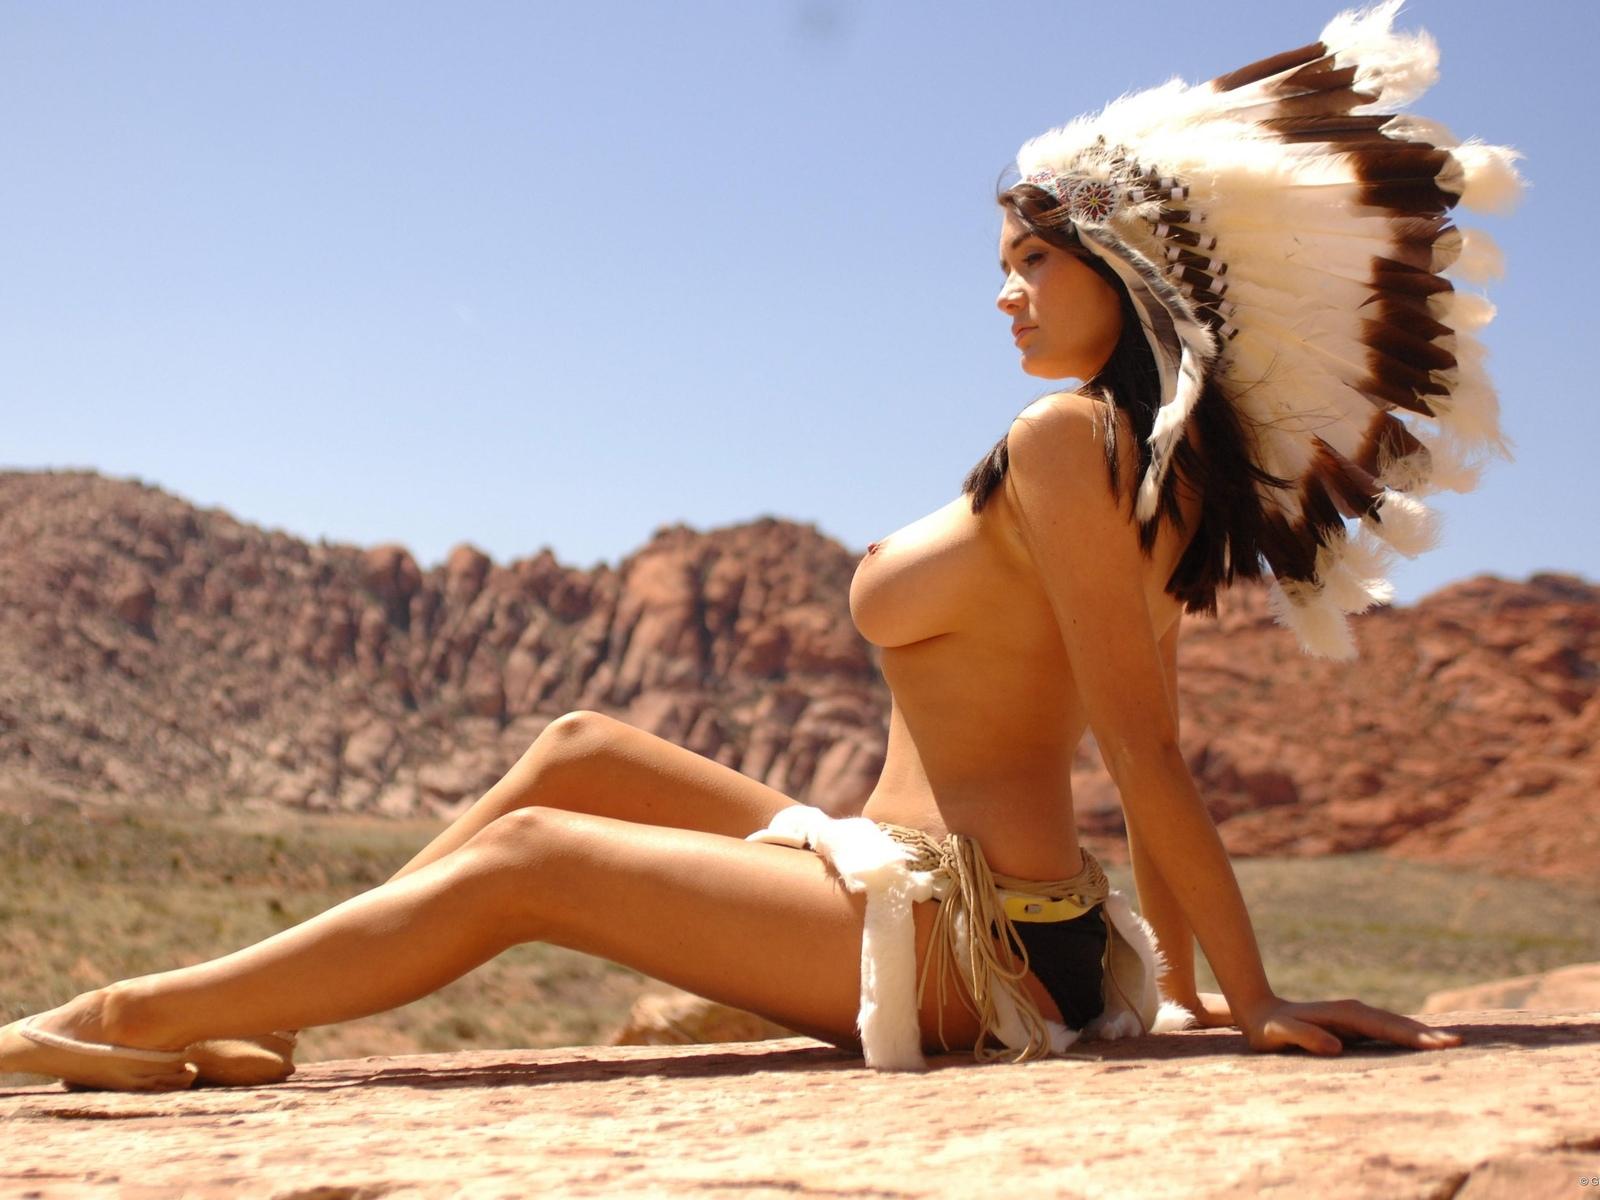 девушка, прелесть, роставила ножки, красавица, прелесть, киця бритая, ножки, голая, попка, красивая милашка, пилотка, поза, секси, попка супер, большие сиси, огромние сиси, голая прелесть, модель, красивая пакохонтас, фигурка супер